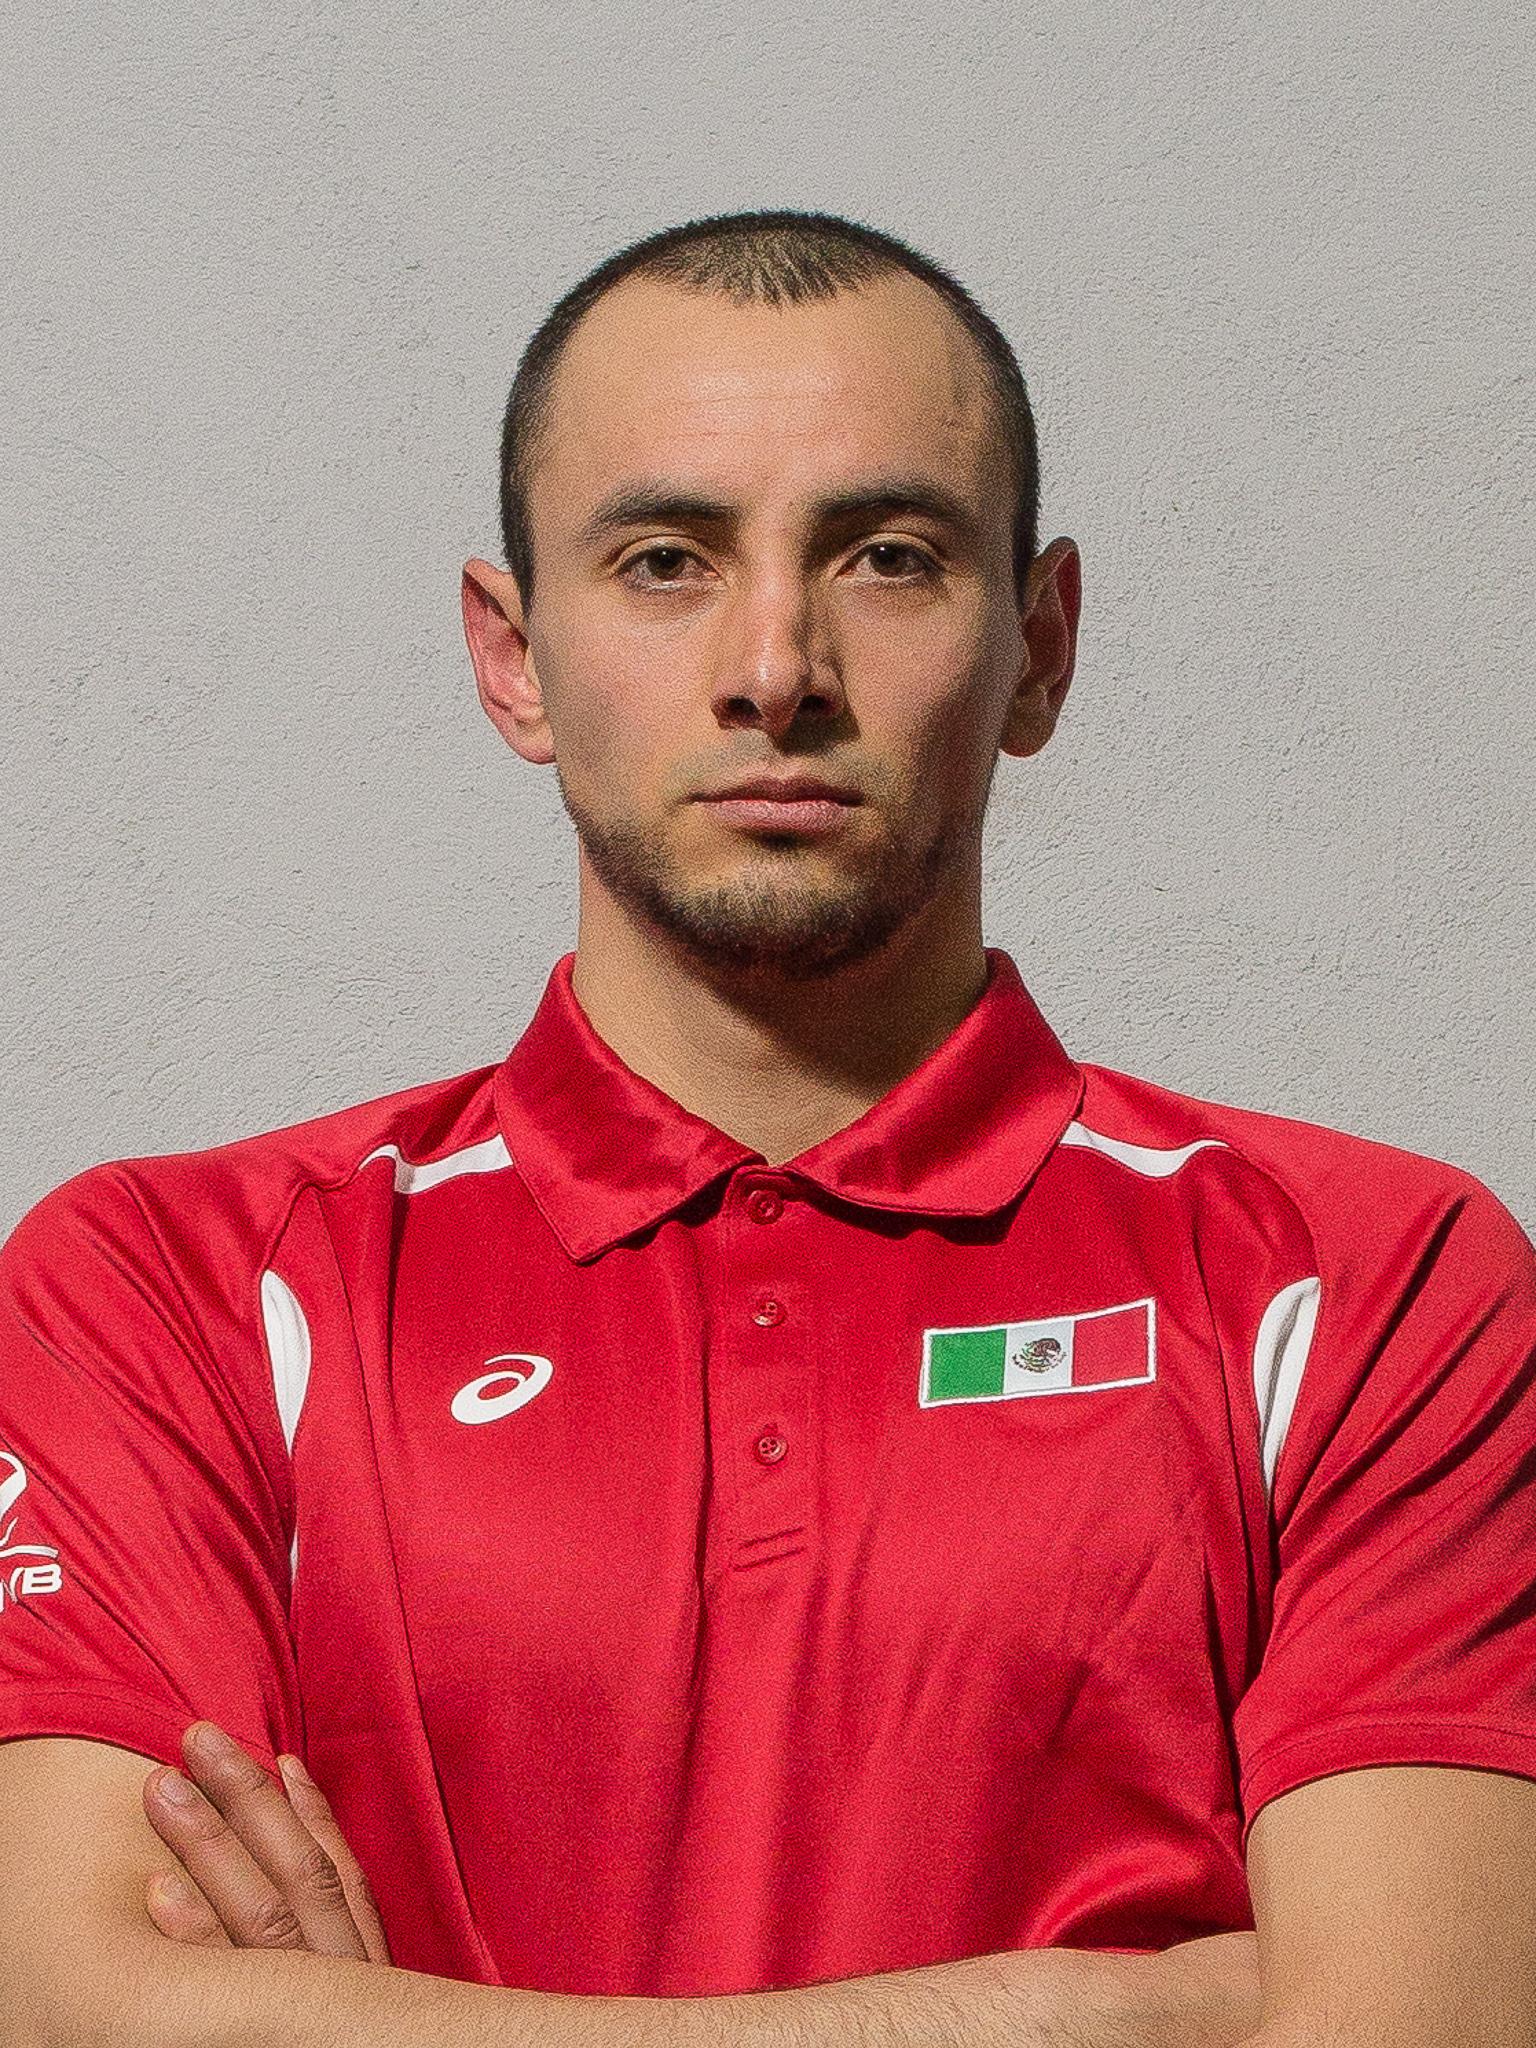 Daniel Vargas